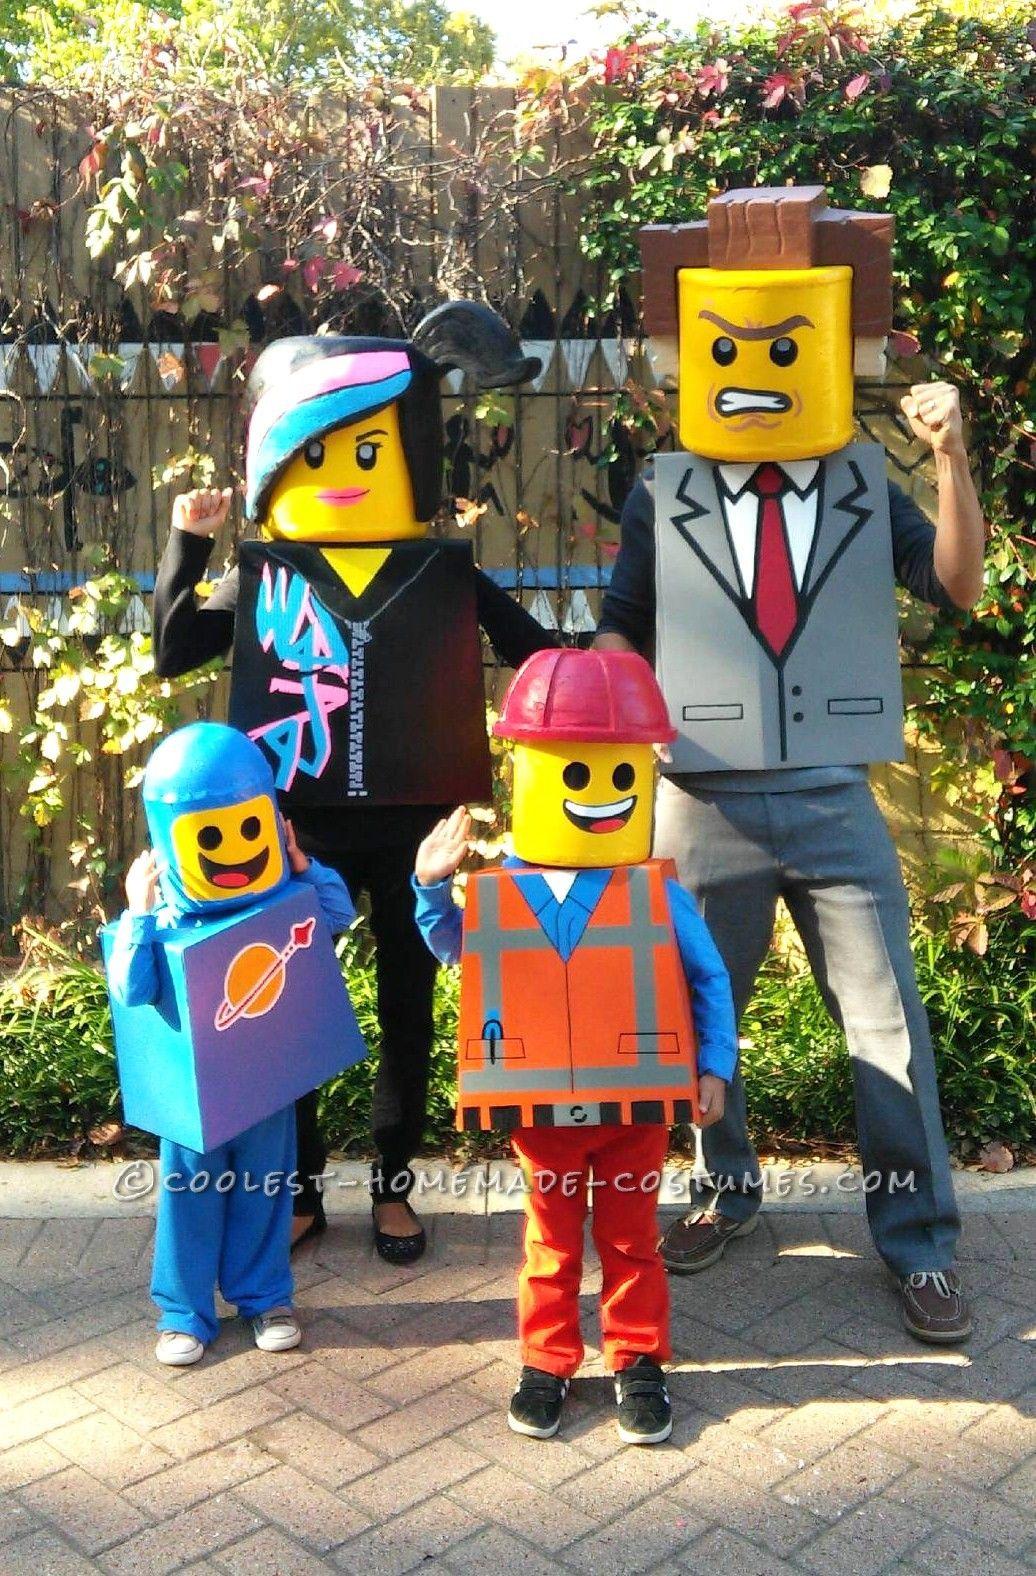 Amazing Family Themed Lego Movie Costumes! | Lego movie costume ...